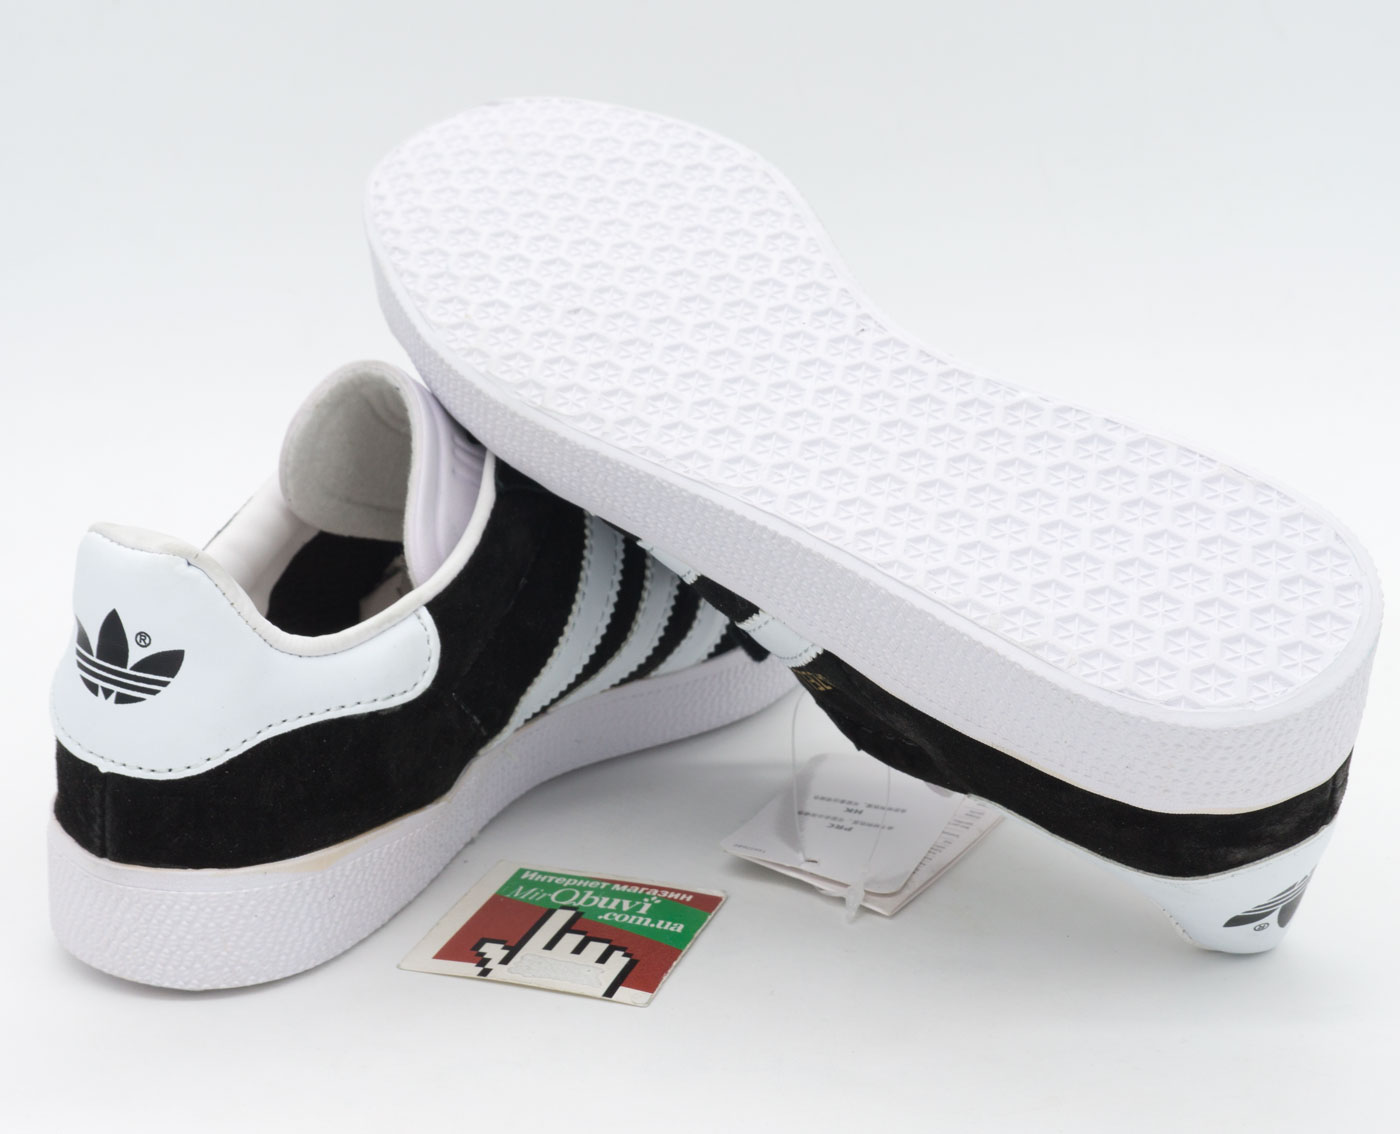 большое фото №6 Черные кроссовки Adidas Gazelle натуральная замша, Vietnam - Топ качество!